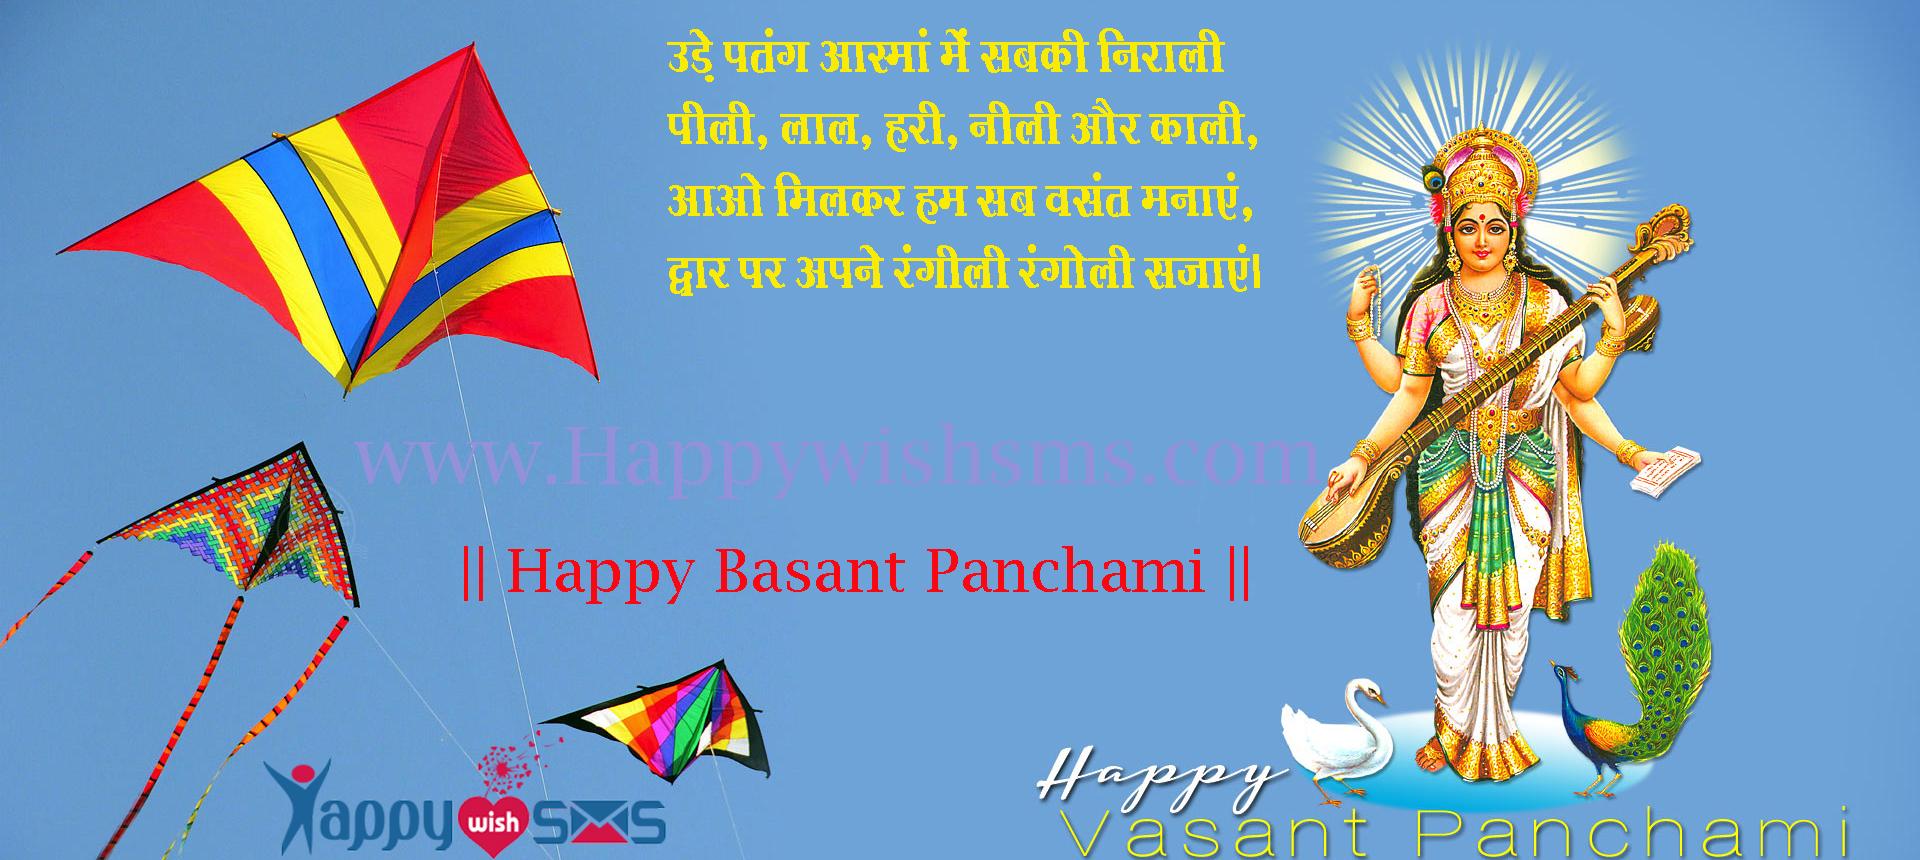 Basant Panchami Wish : उड़े पतंग आस्मां में सबकी निराली,